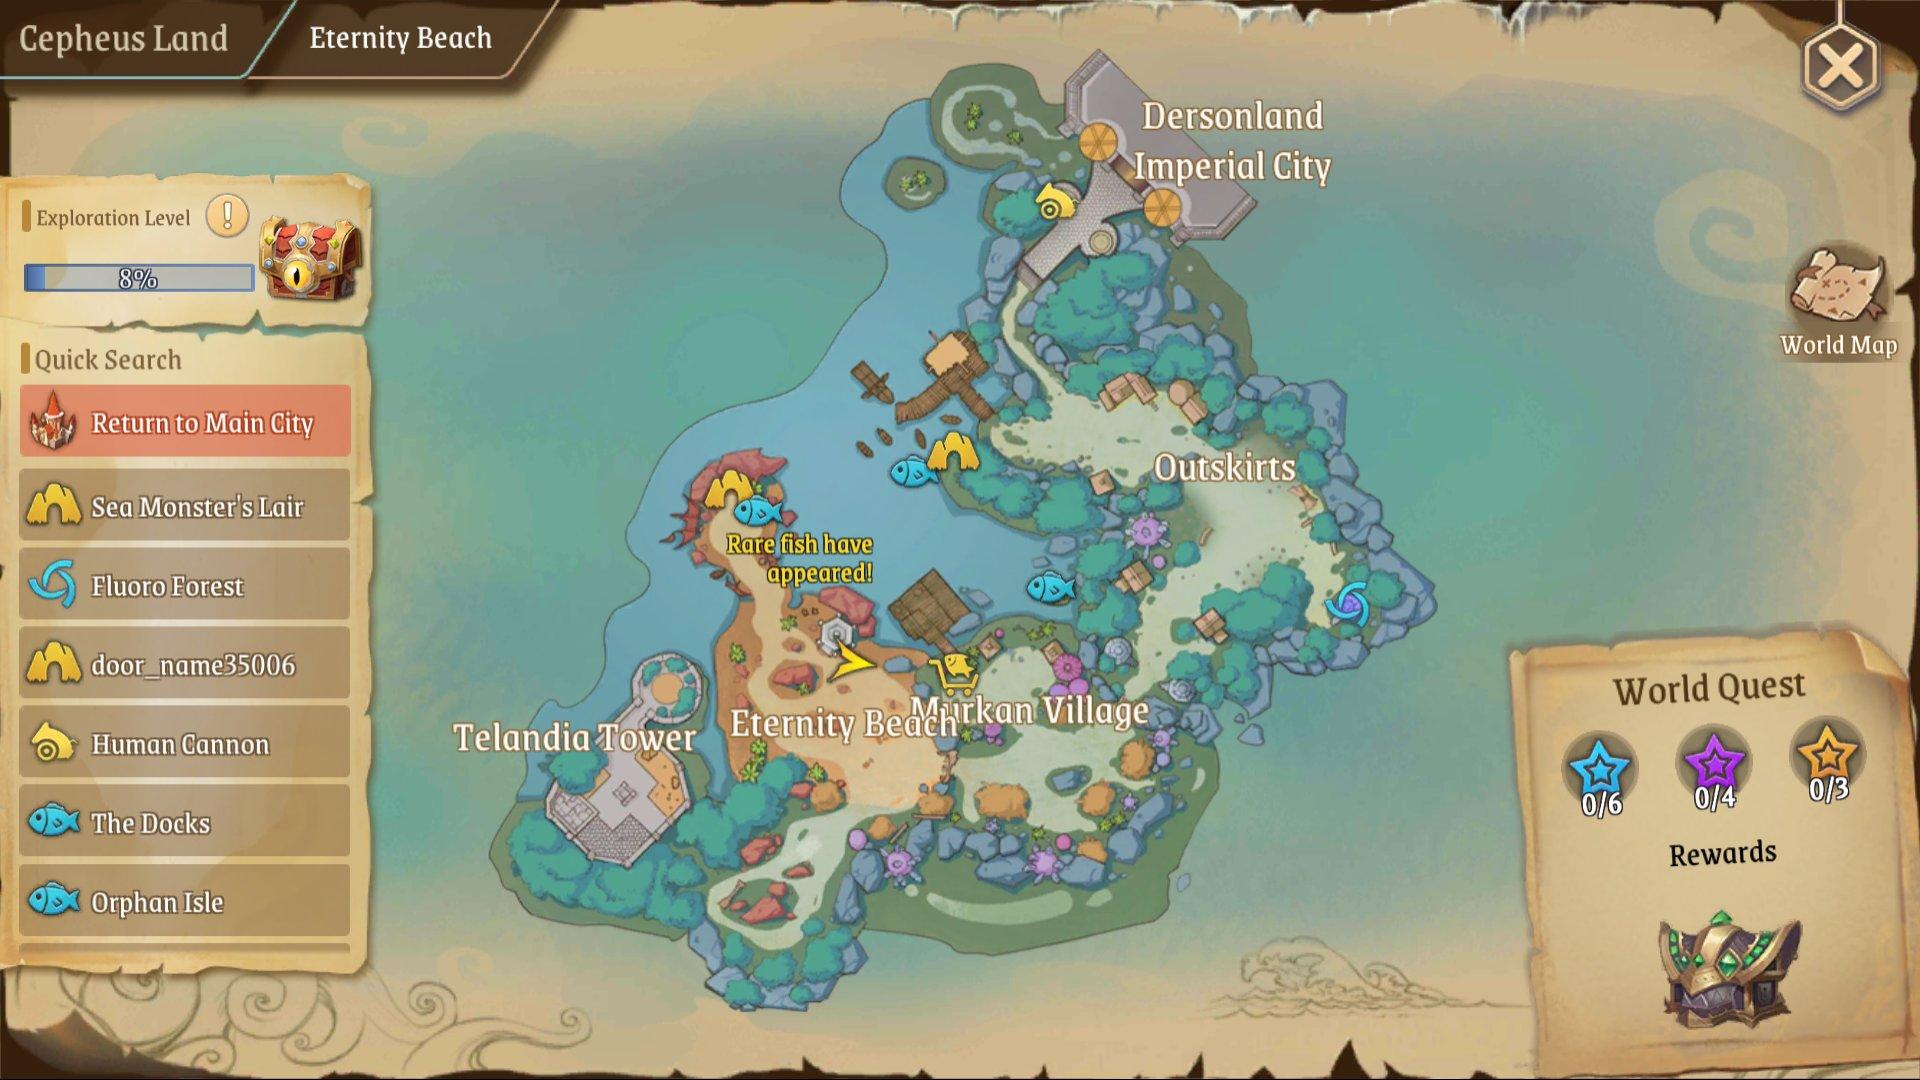 Treasure Map (L) 8: Eternity Beach near the stone statue